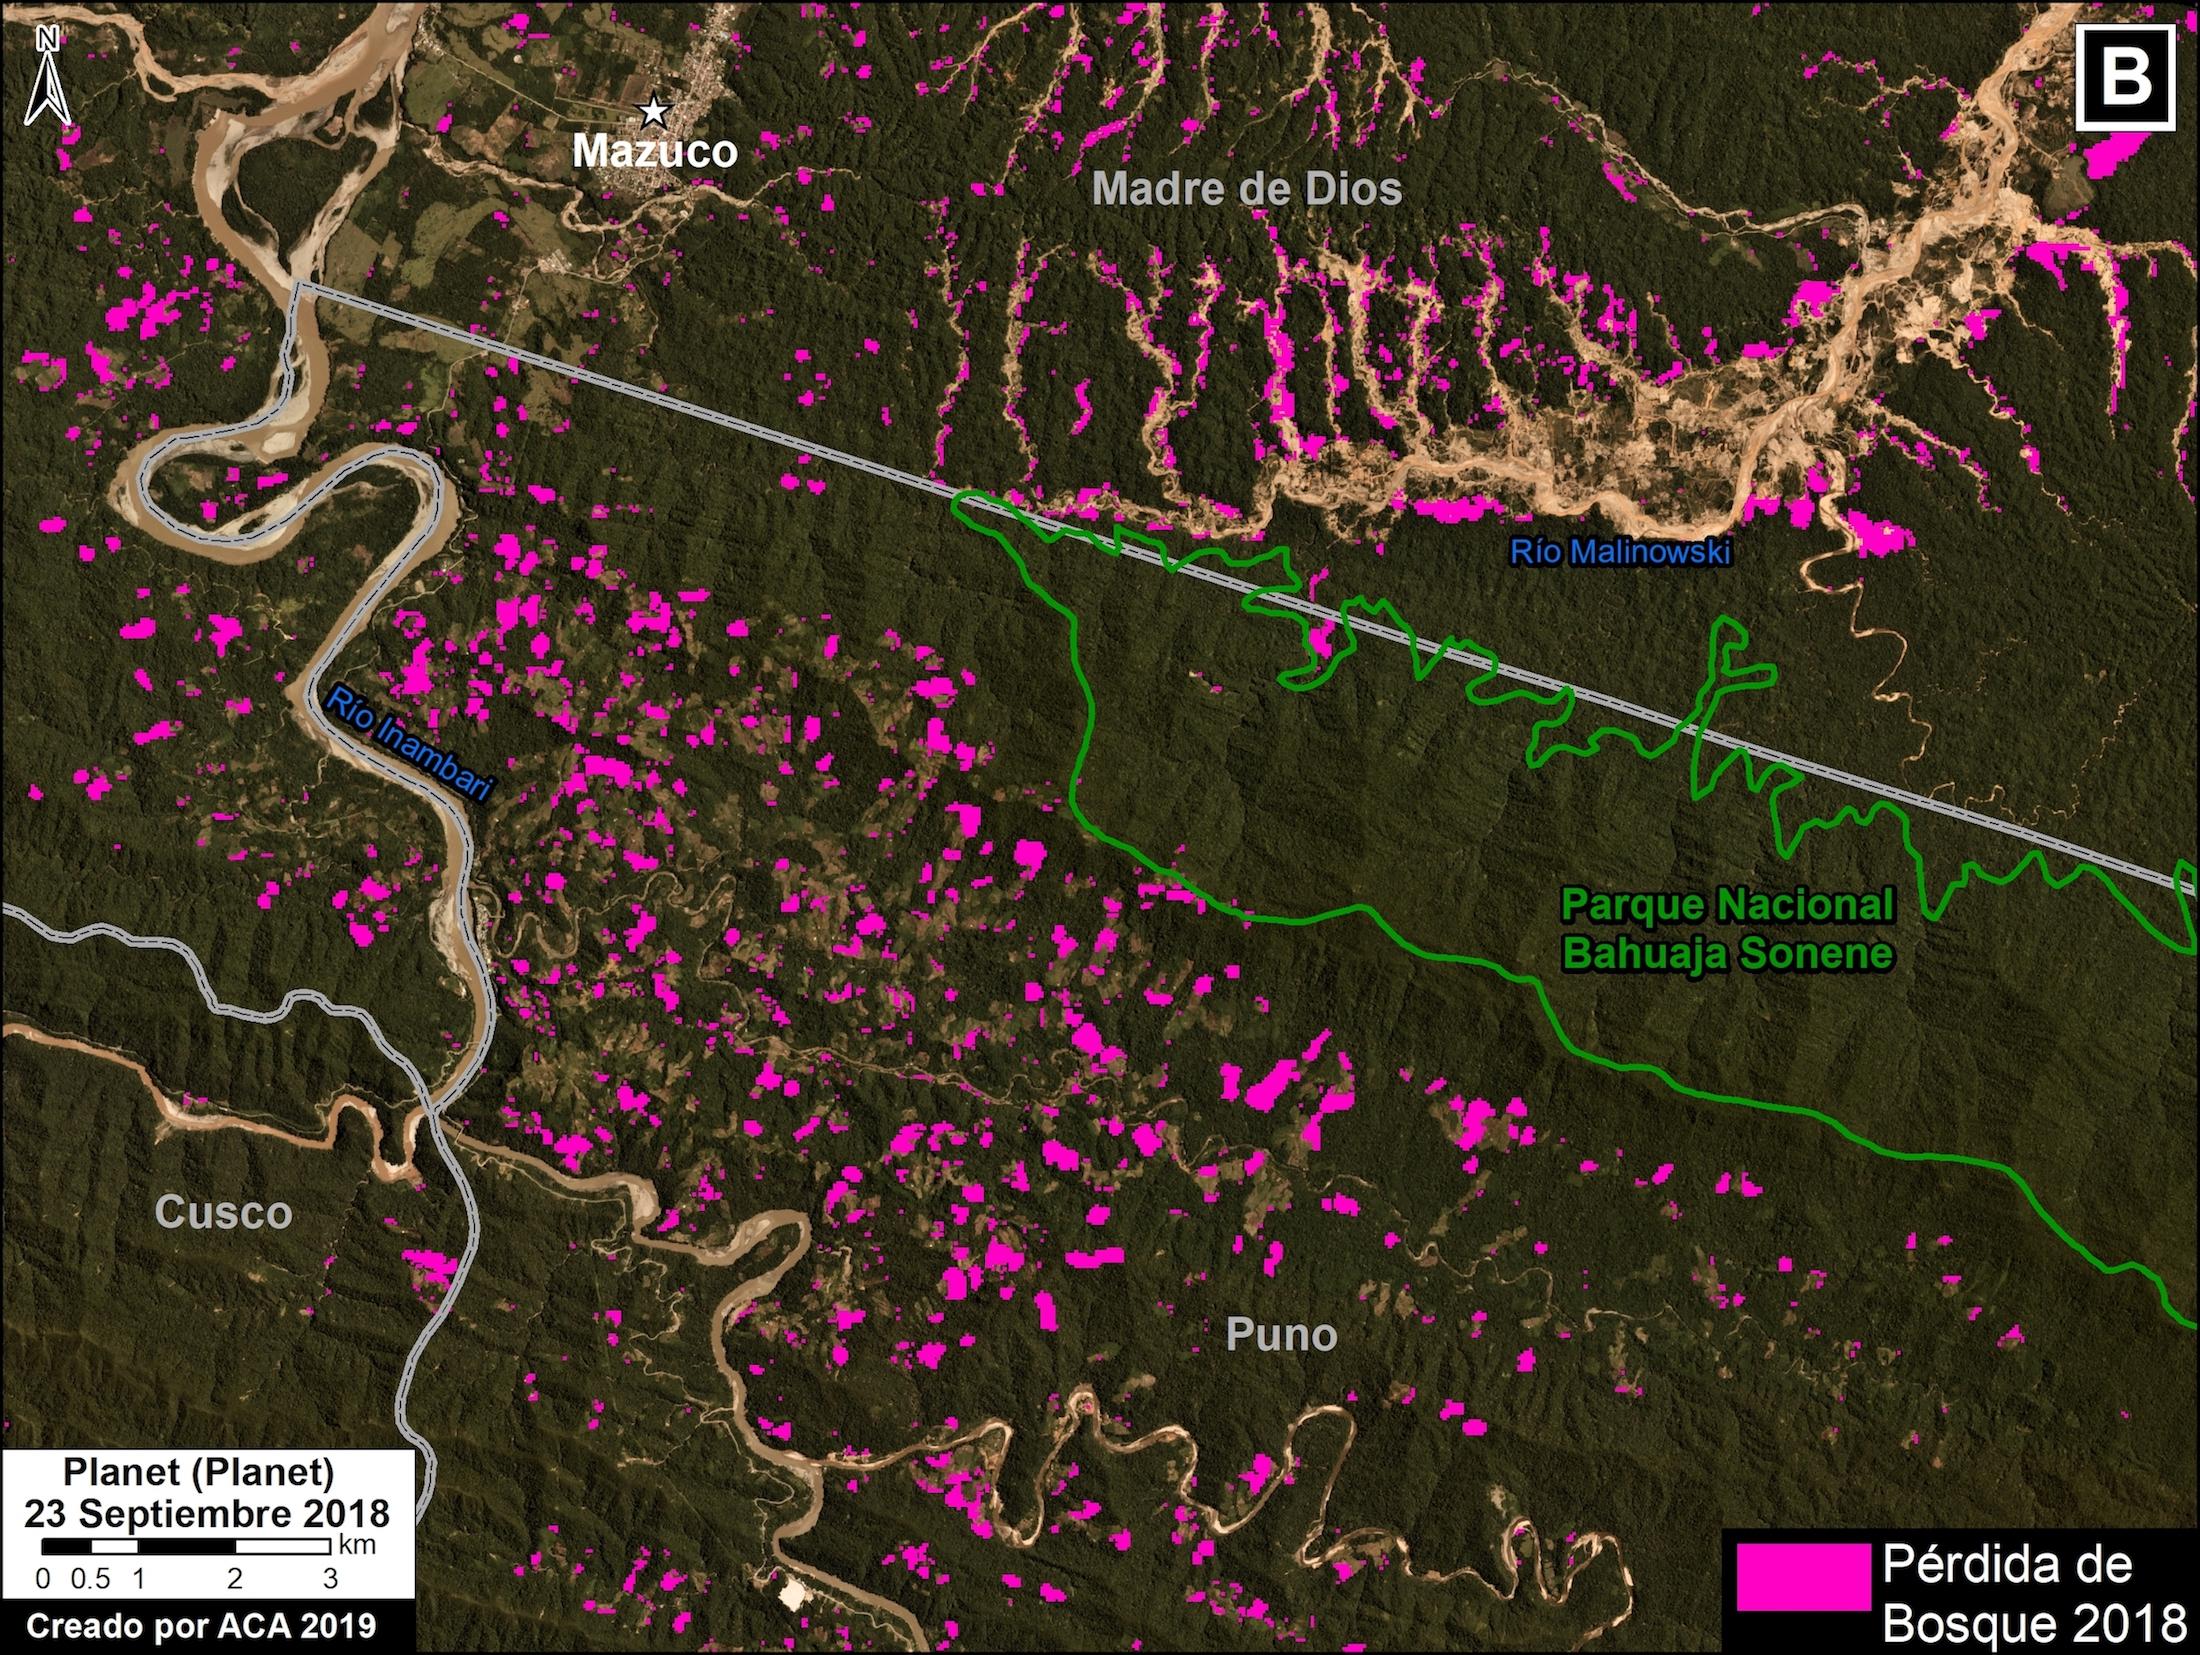 Deforestación por minería ilegal y cultivos de coca rodean al Parque Nacional Bahuaja Sonene. Imagen: MAAP / ACCA.